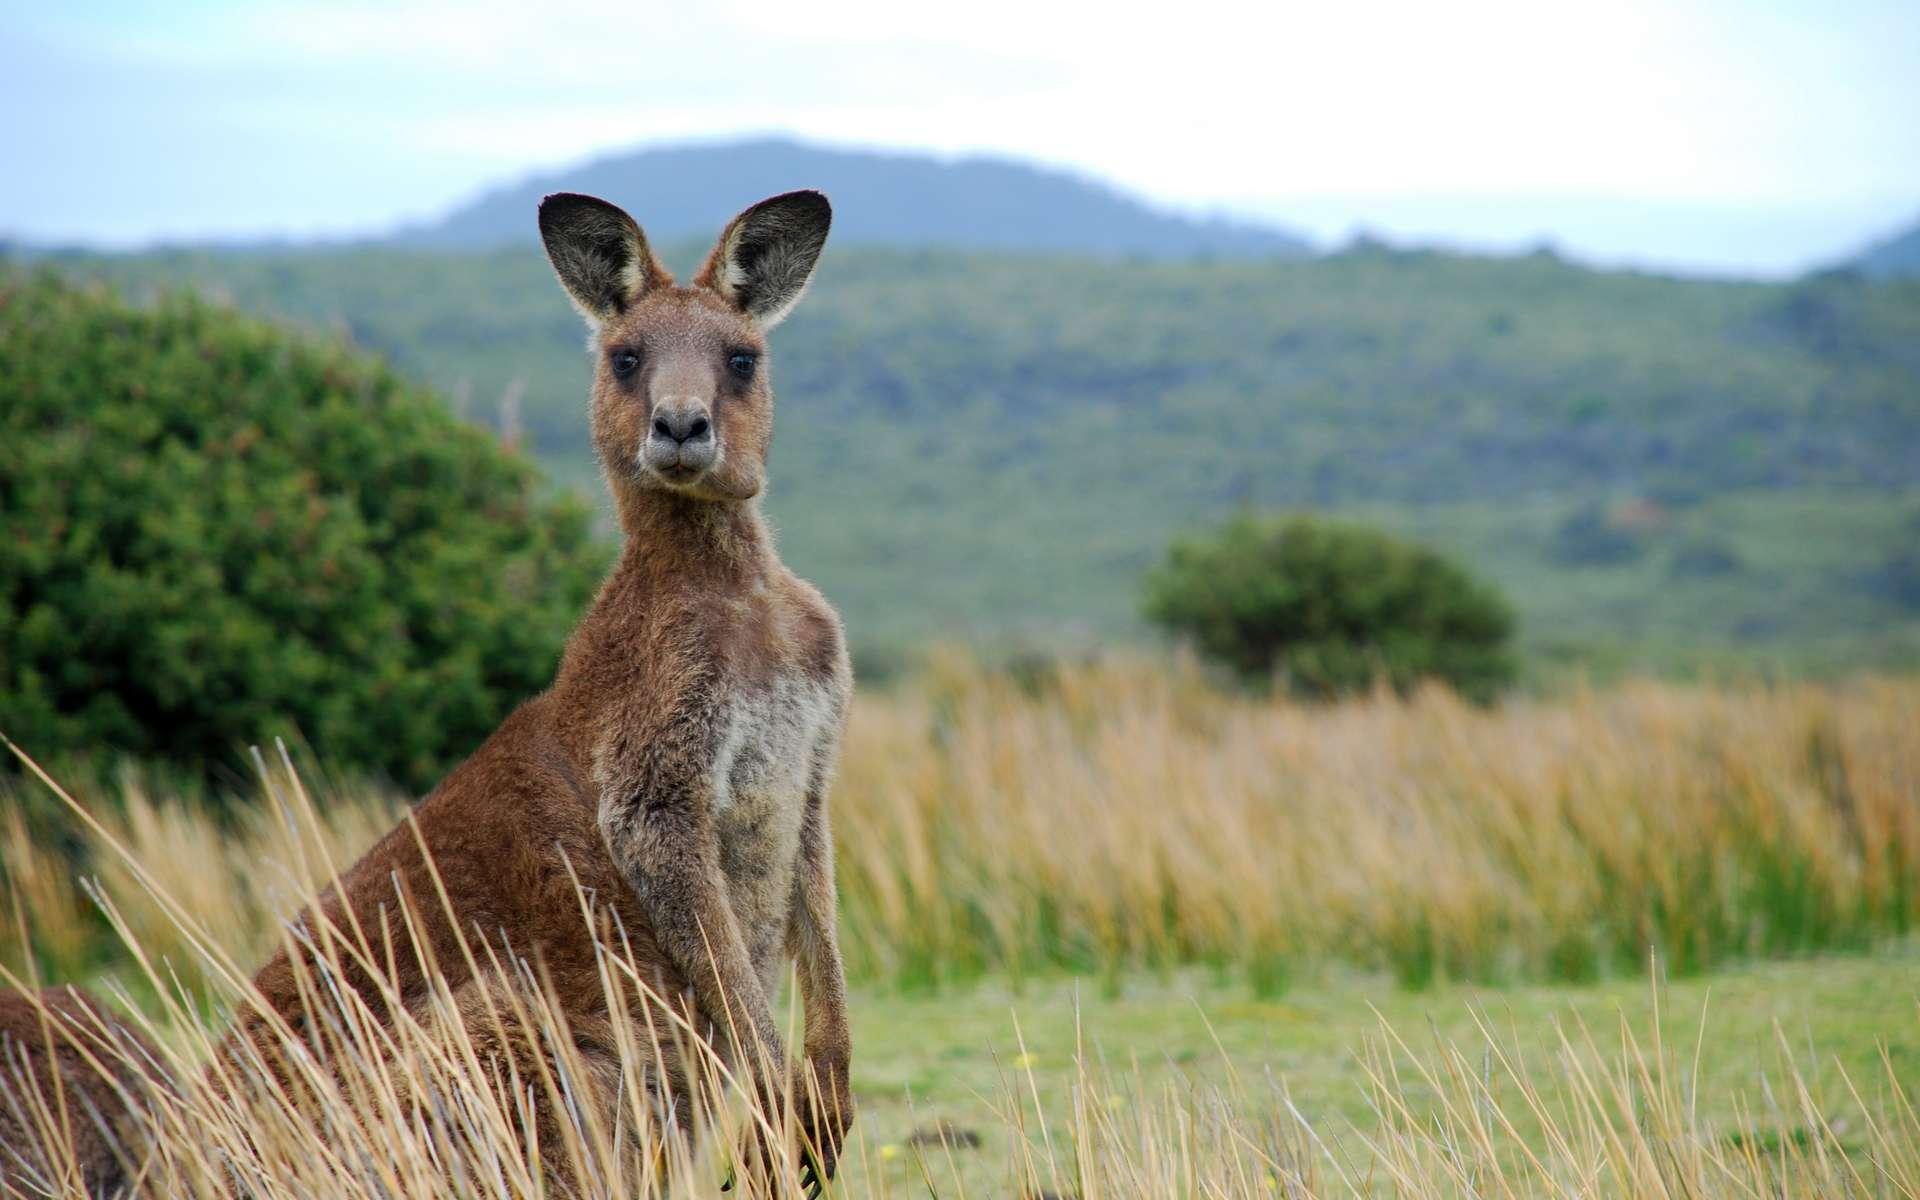 L'âge de la plus ancienne peinture pariétale déterminé grâce aux nids de guêpes en Australie. C'est un kangourou. © James Thew, Adobe Stock